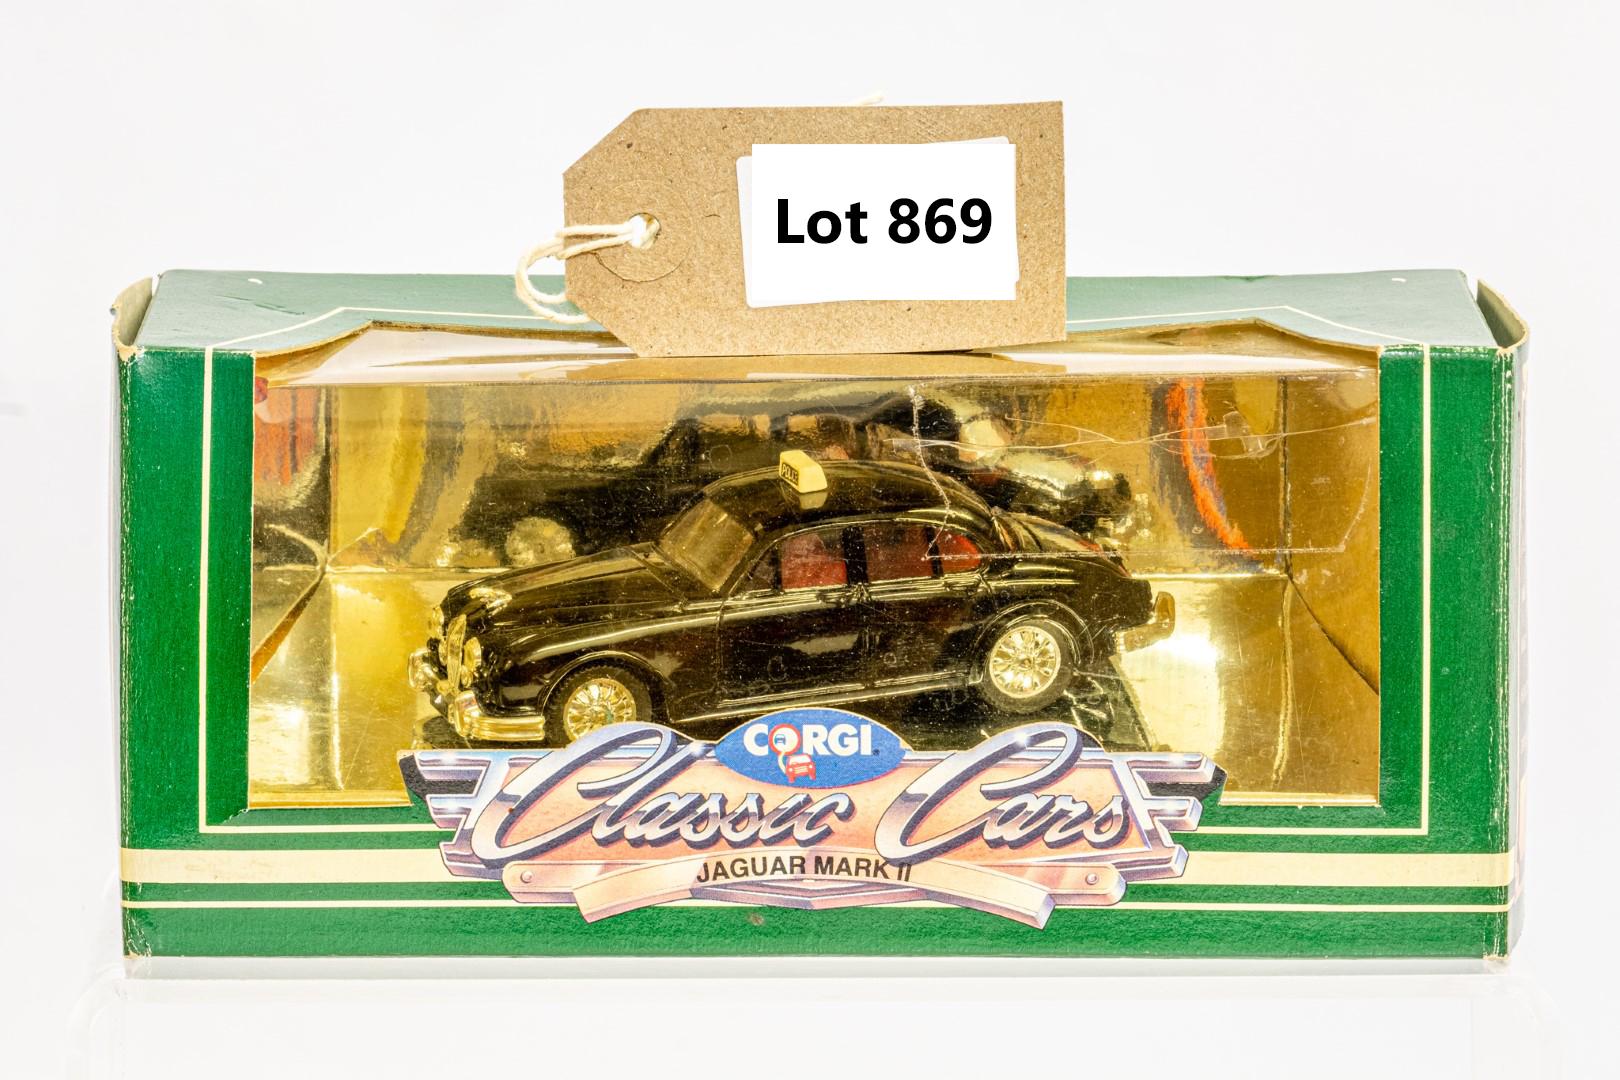 Corgi 1959 Jaguar MKII - Police